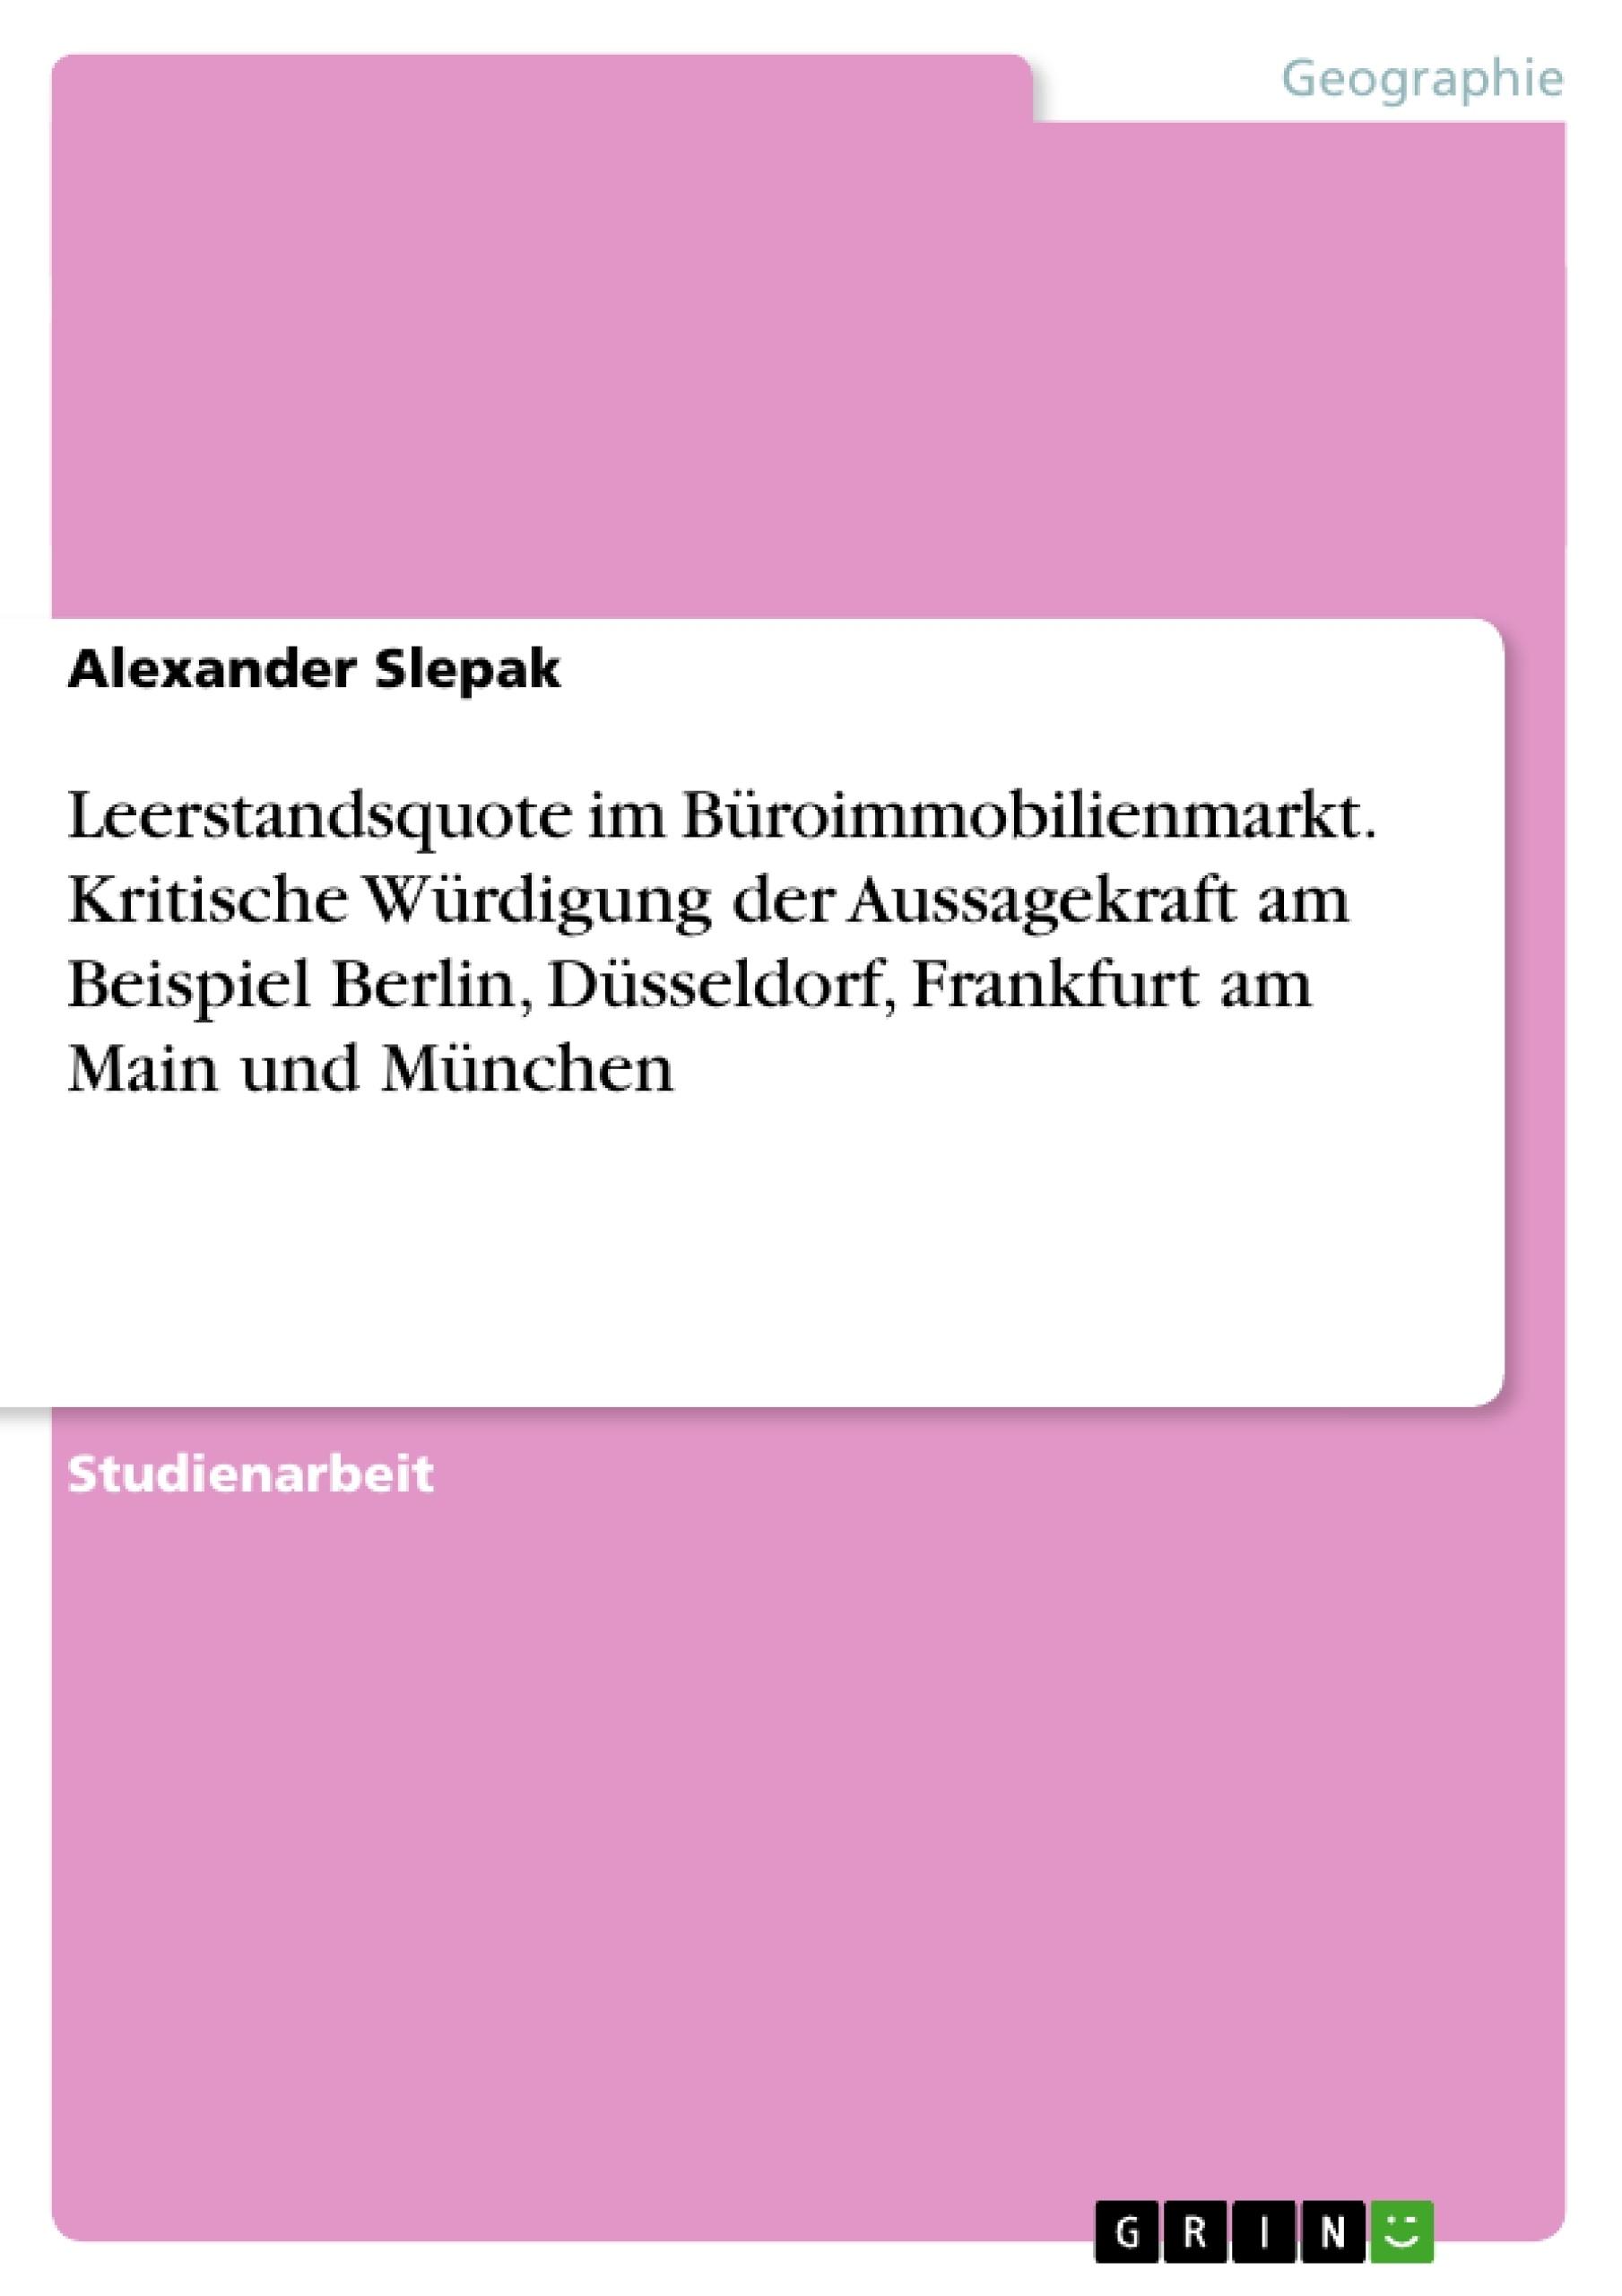 Titel: Leerstandsquote im Büroimmobilienmarkt. Kritische Würdigung der Aussagekraft am Beispiel Berlin, Düsseldorf, Frankfurt am Main und München